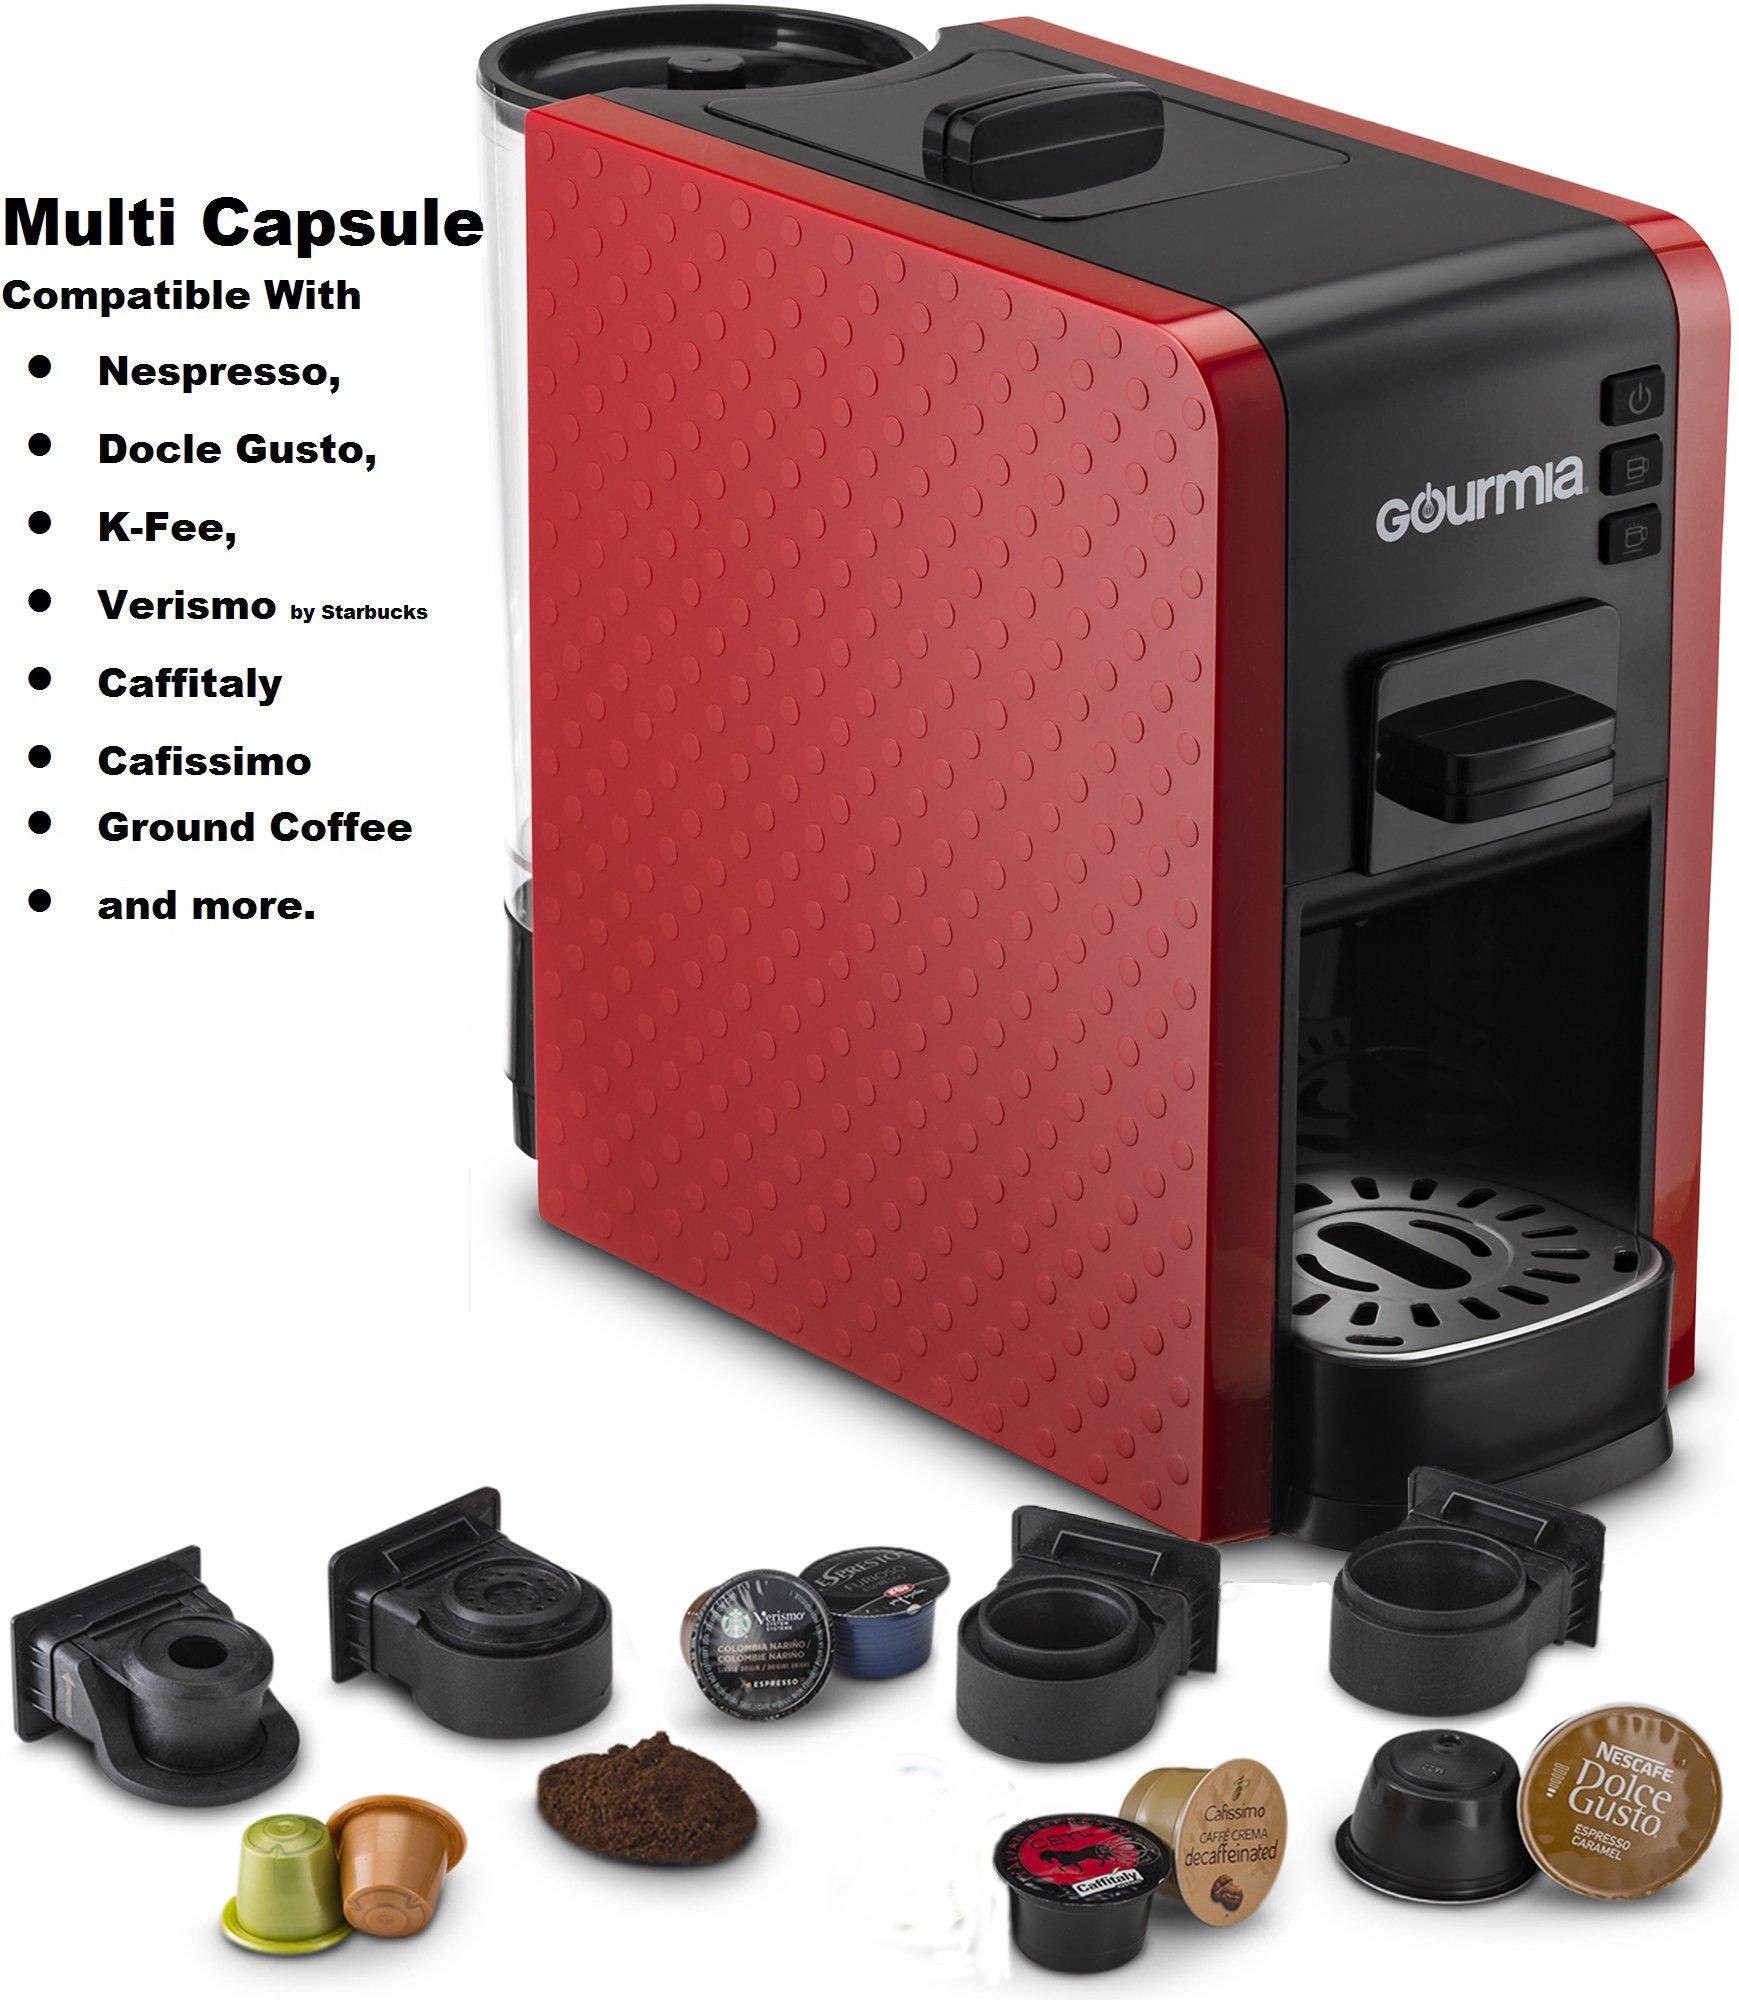 Gourmia GCM7000 Multi Capsule Espresso Coffee Machine Includes Pod Cartridges for Nespresso, Dolce Gusto, K-Fee, Verismo by Starbucks, Fresh Ground Espresso, Programmable Temperature- Red